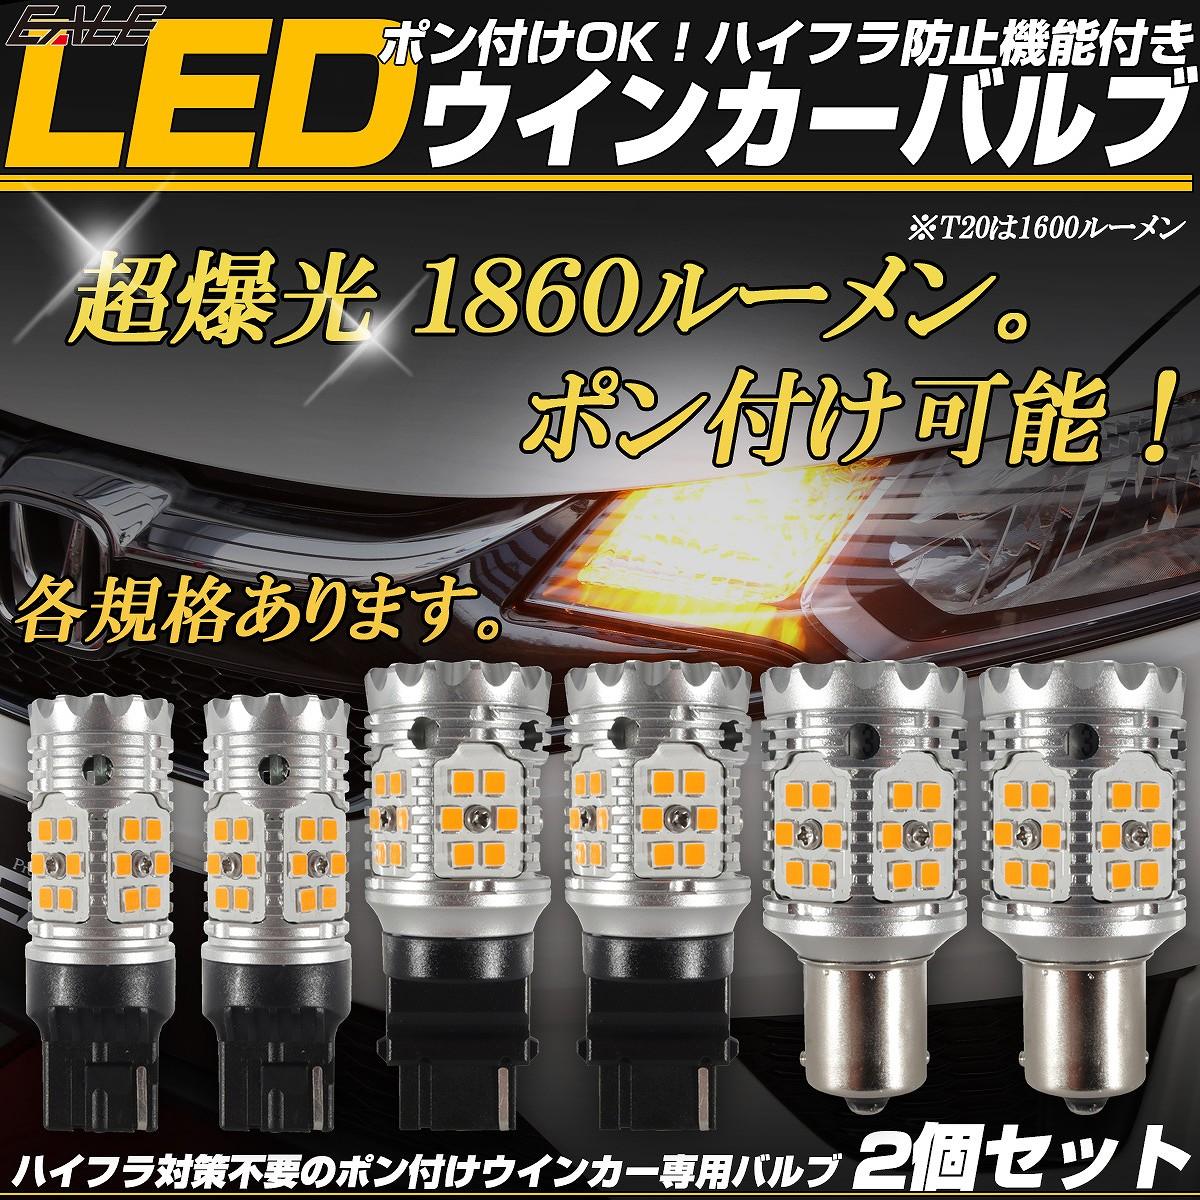 【ネコポス可】 ハイフラ防止 LEDウインカー バルブ T20 ピンチ部違い兼用 S25シングル 180度 150度 BA15s BAU15s 3156 T25 12V 2個 B-59C-81C-82D-10